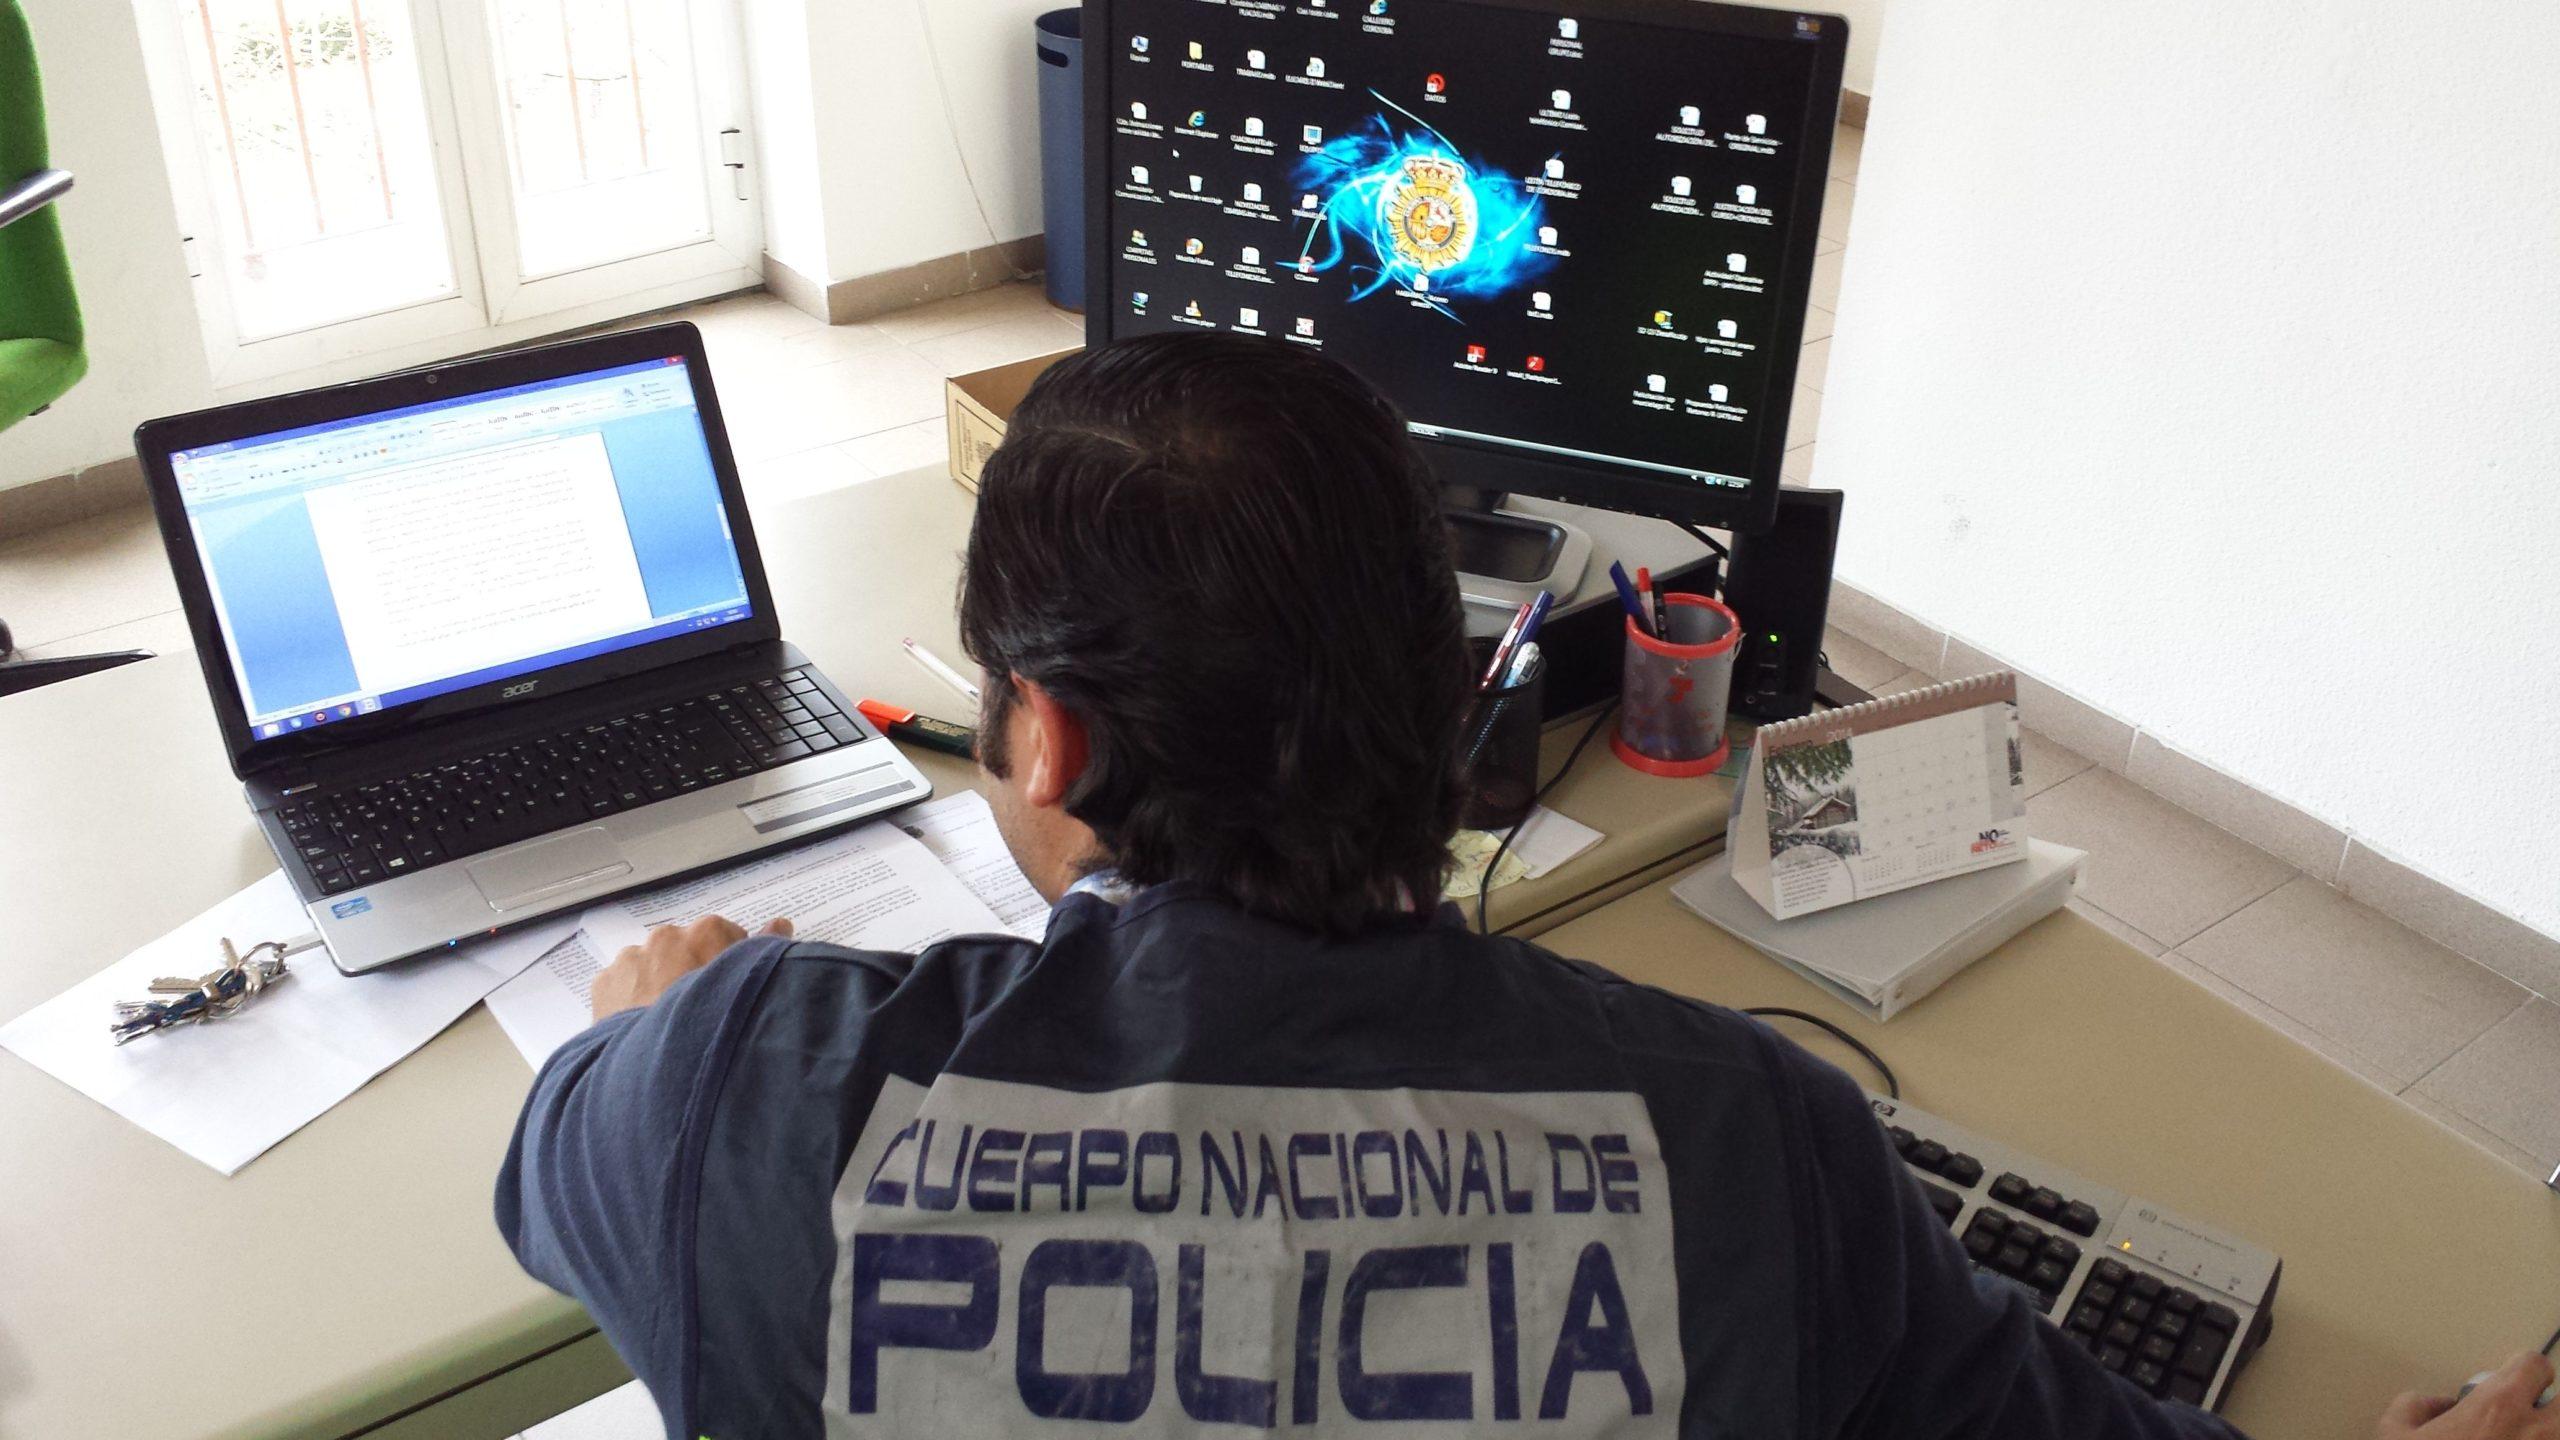 policia nacional informatica